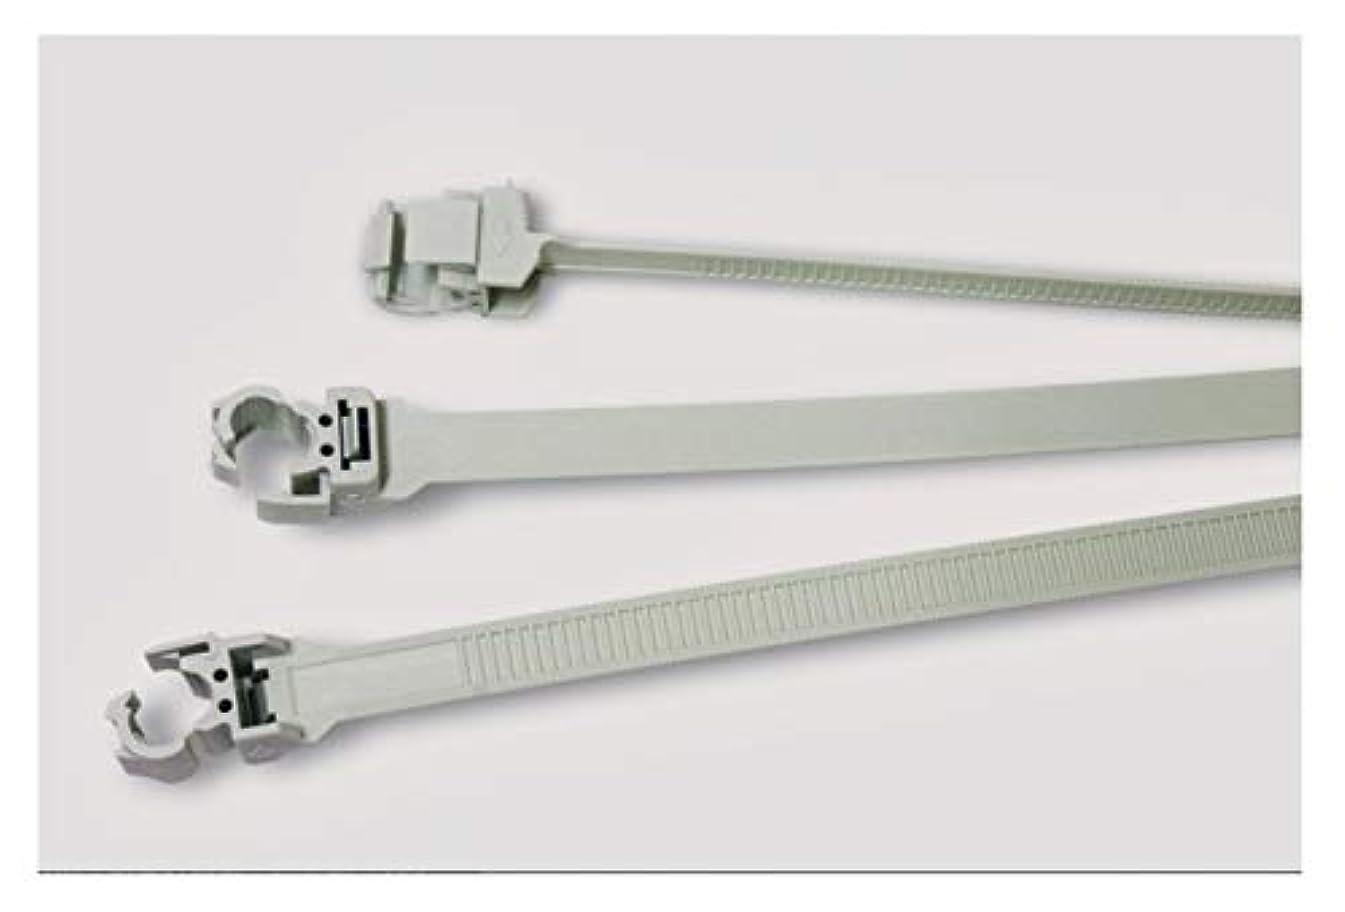 シンプルさ死んでいるヒュームヘラマンタイトン 吊りボルトタイ BCT225 アイボリー 10本セット